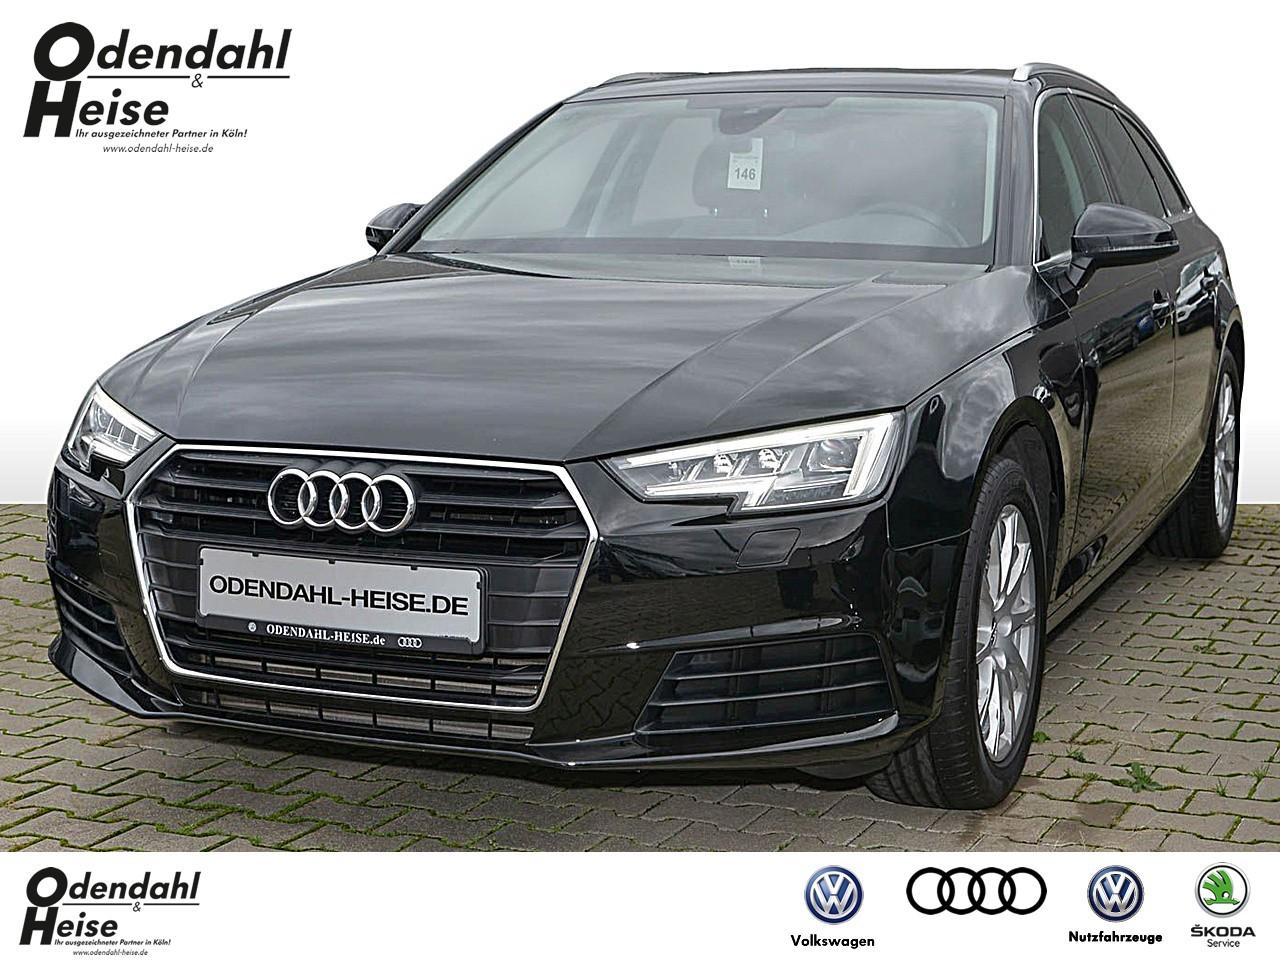 Audi A4 Avant 3.0 TDI S tronic EU6 Klima Navi, Jahr 2016, Diesel